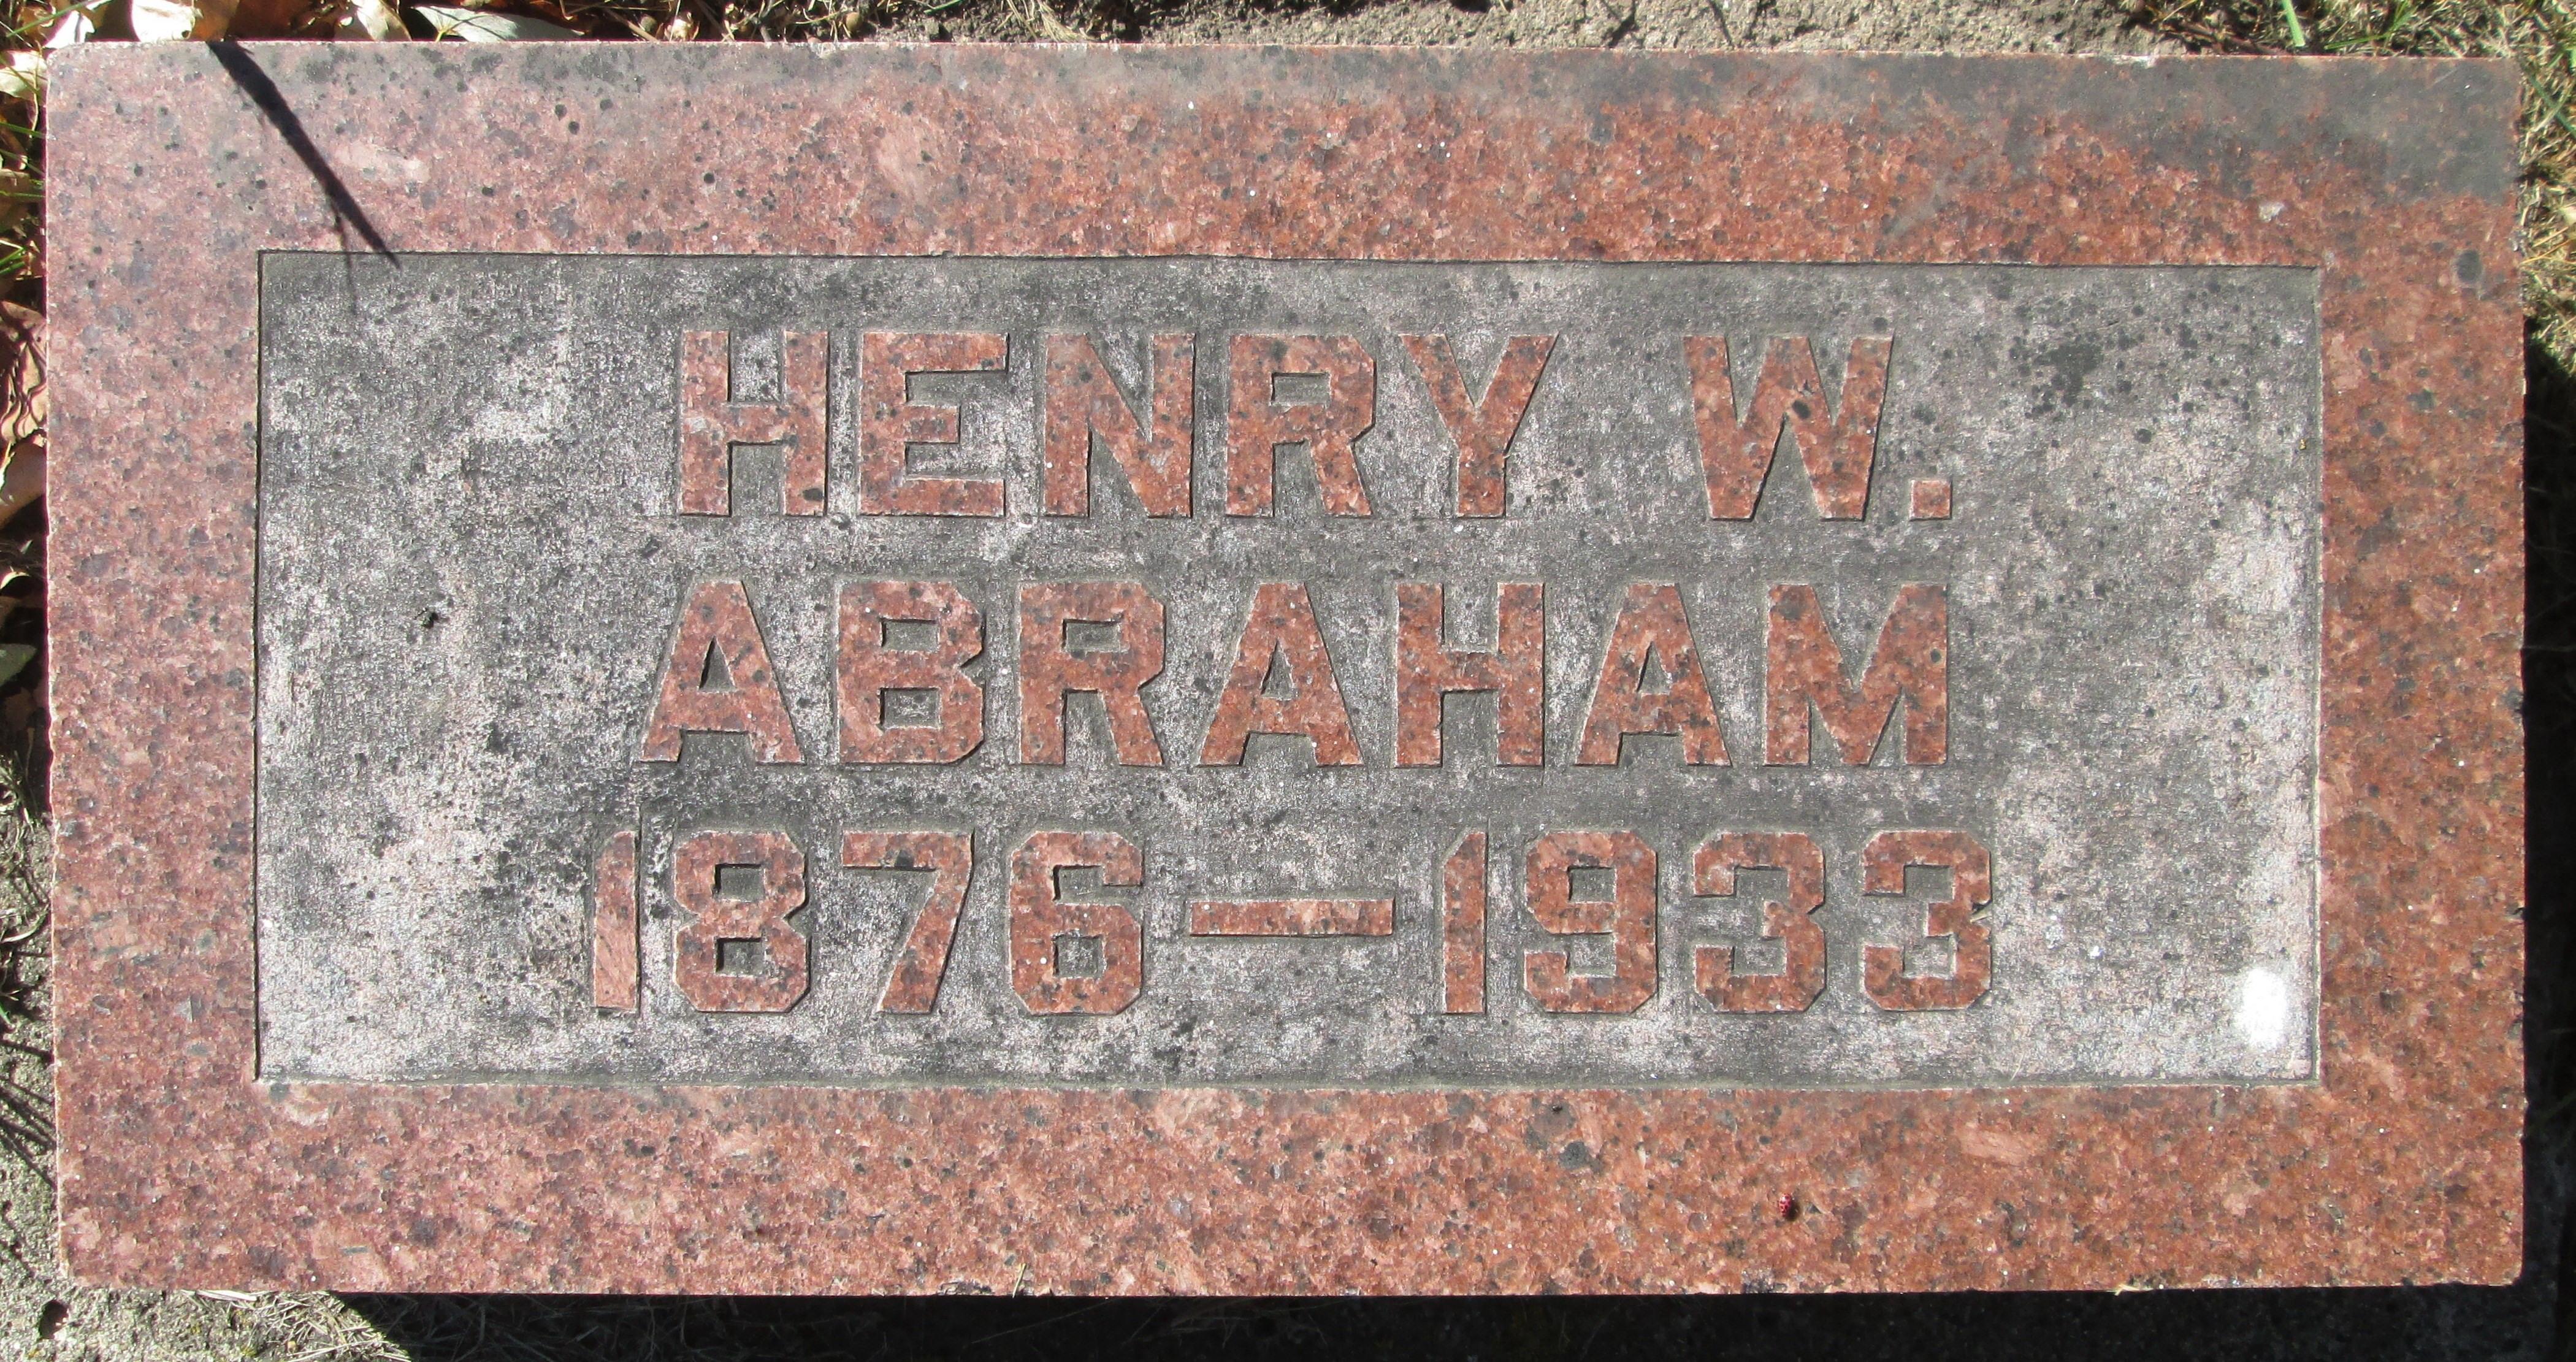 Heinrich William Frances Abraham